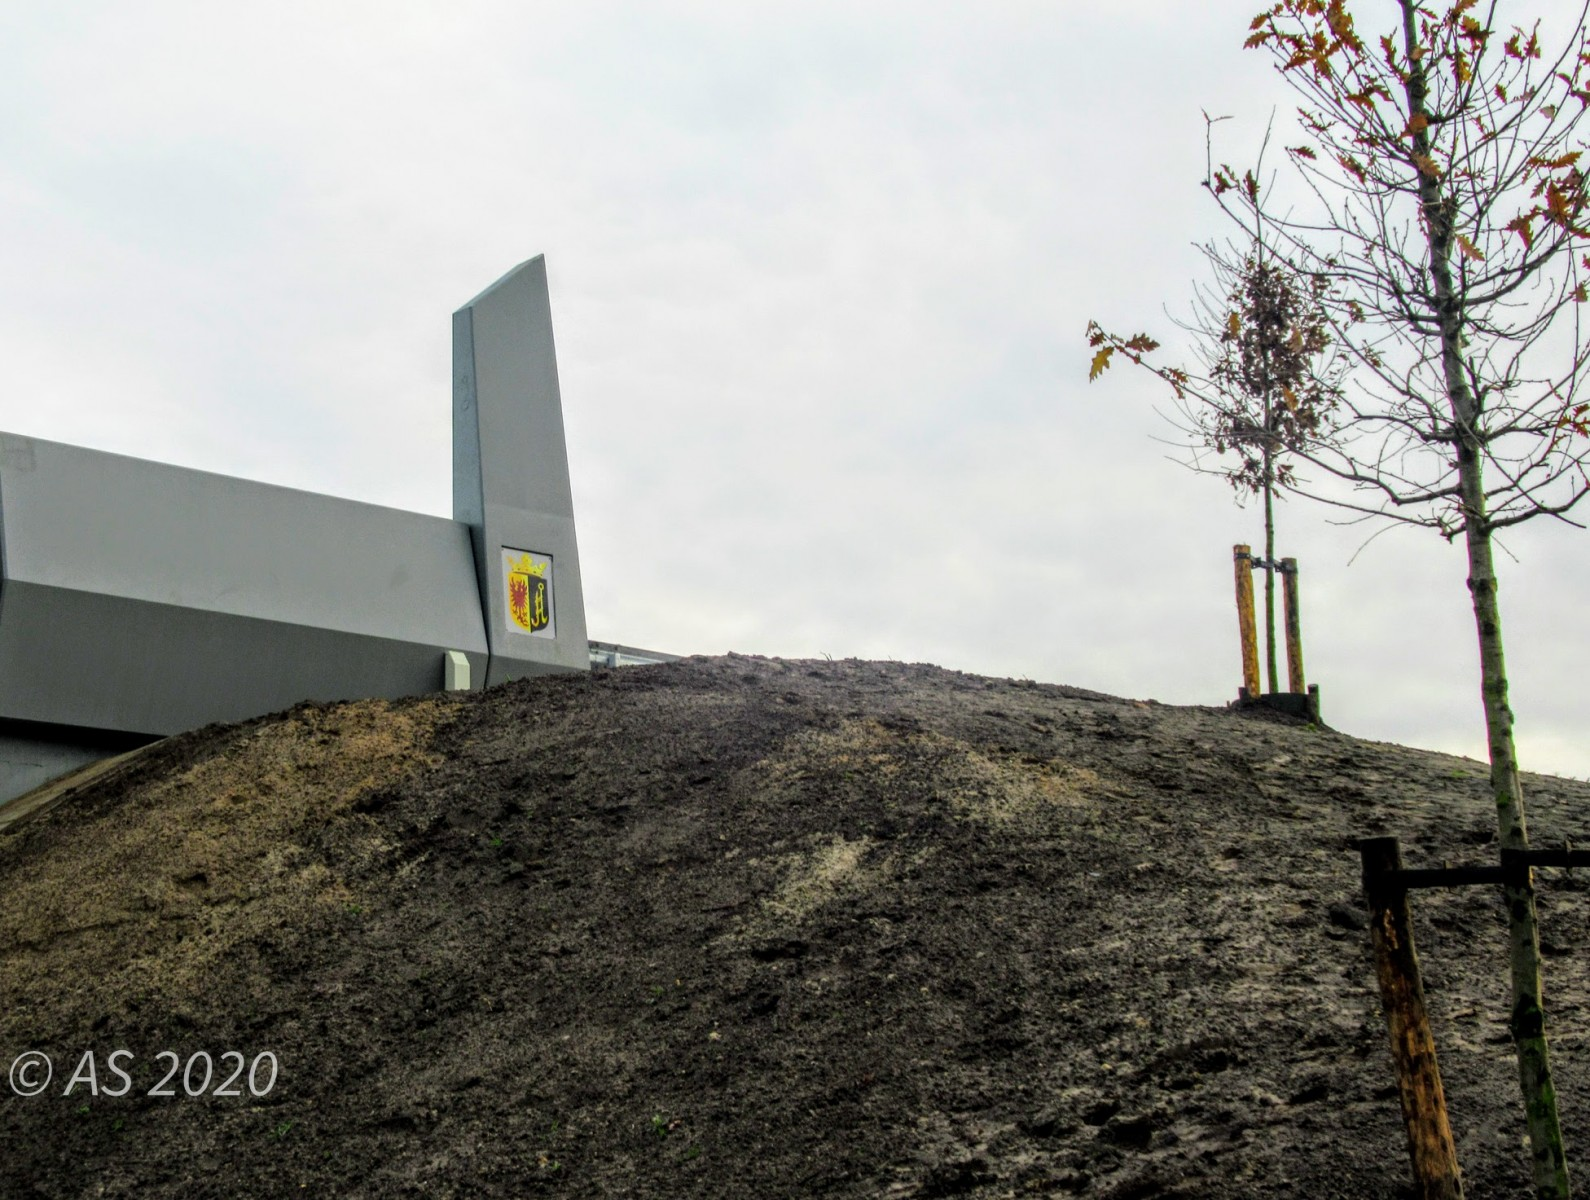 Foto viaduct N34 met wapen Dalen